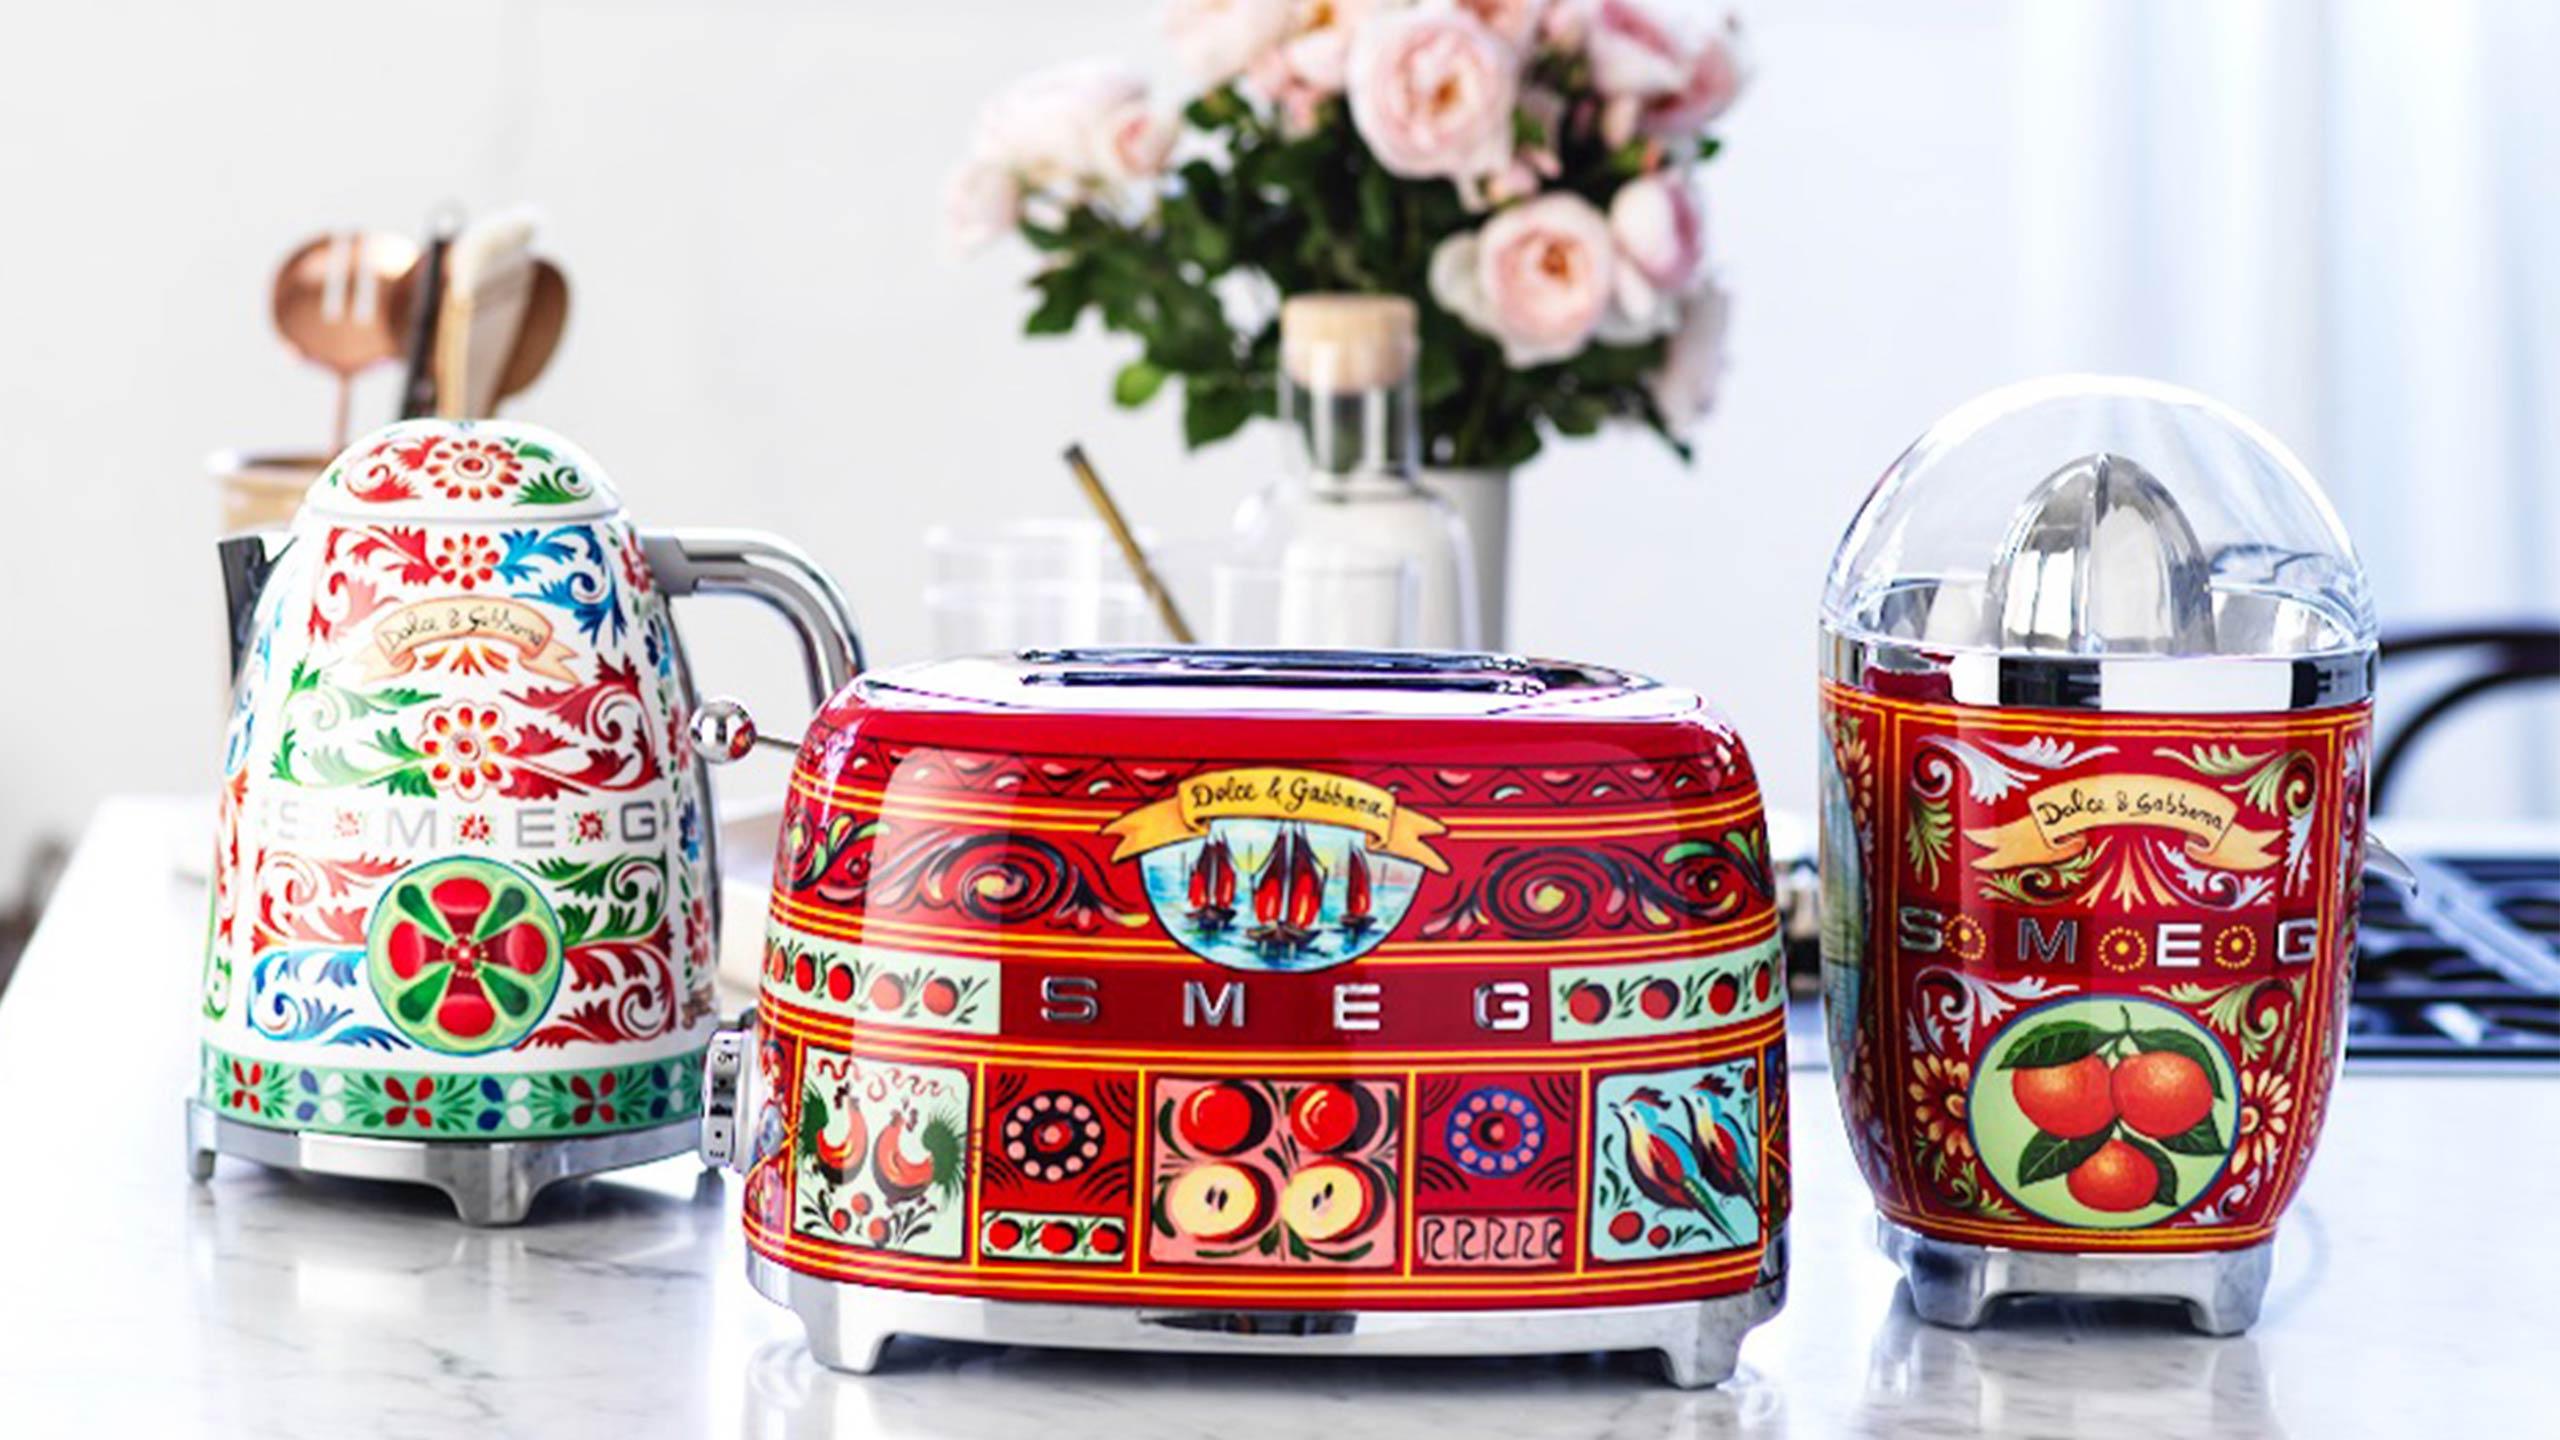 smeg dolce gabbana küchenhelfer header im küchen staude magazin